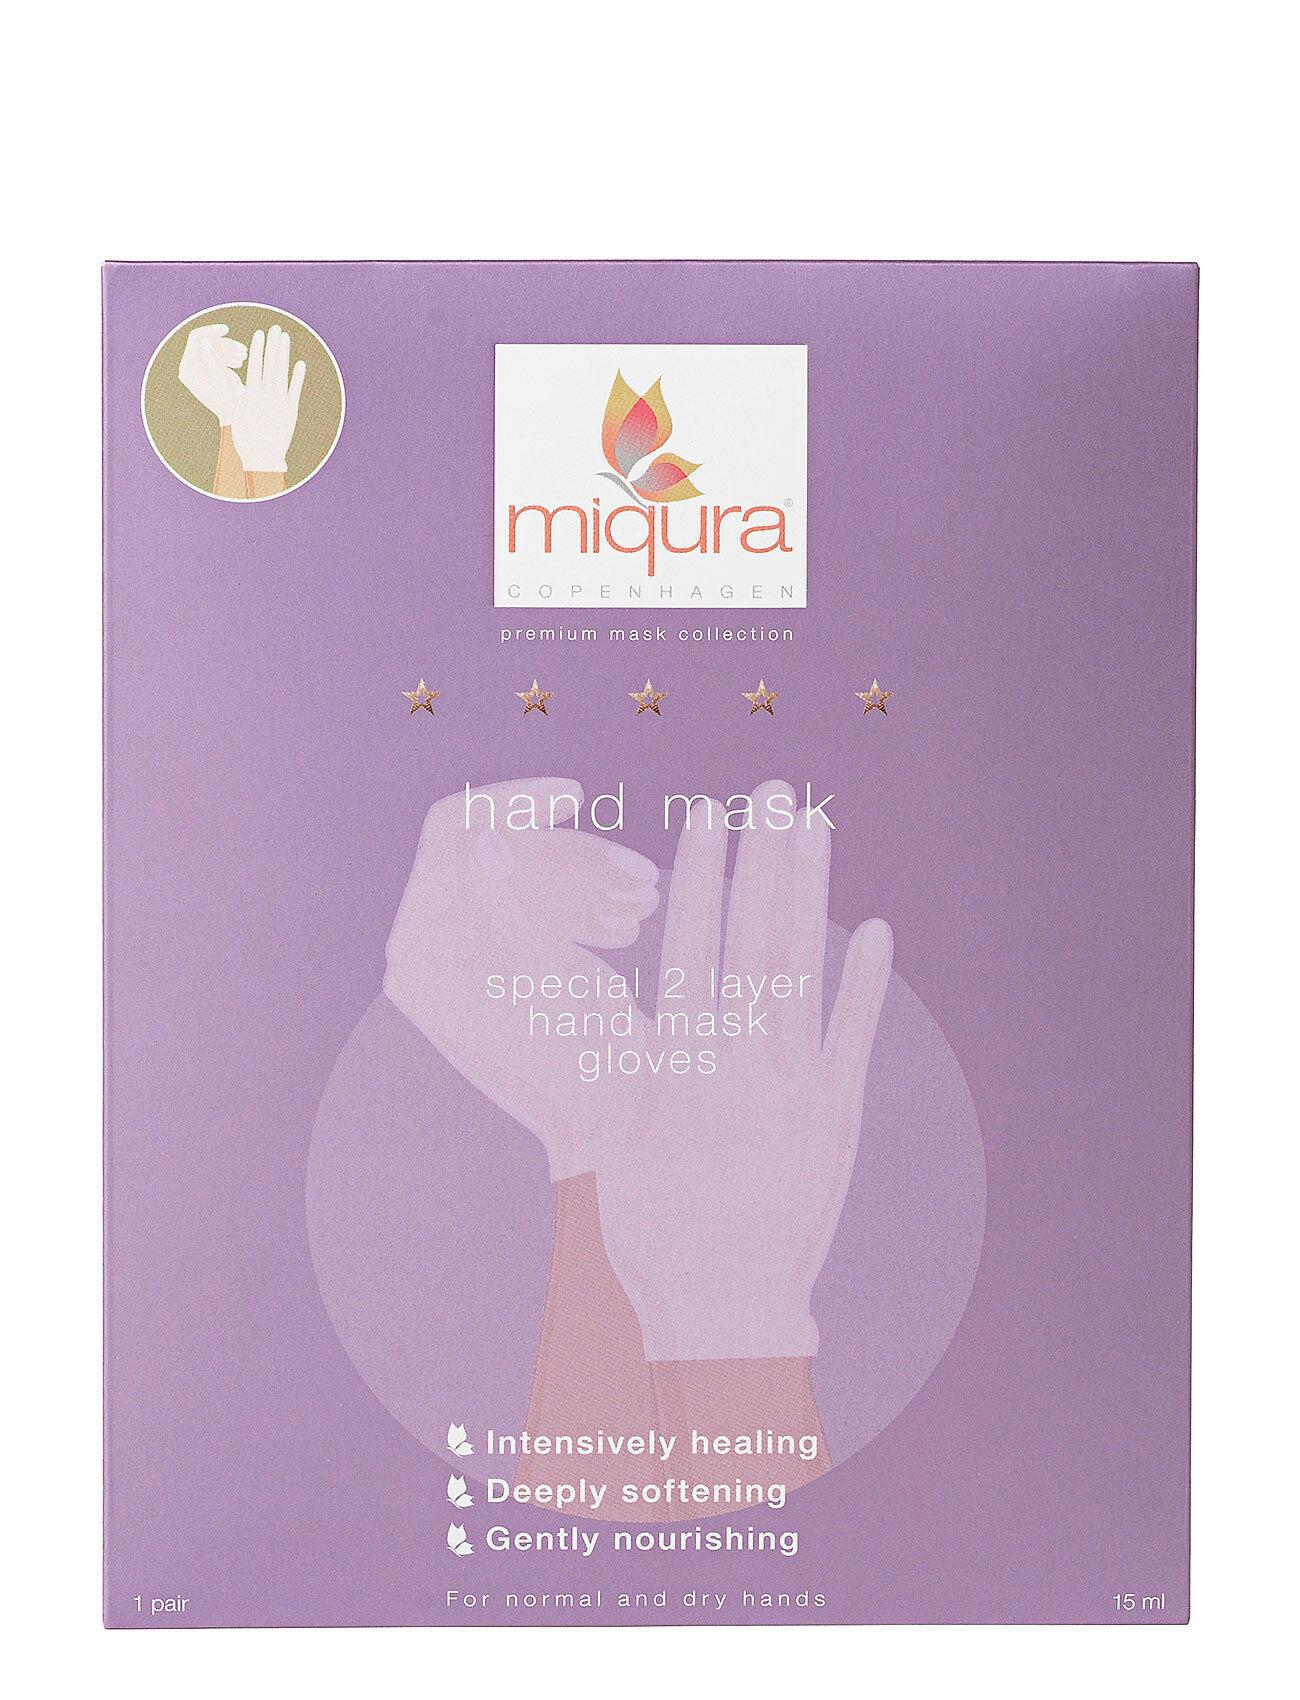 Miqura Premium Hand Mask (1 Pair) Box